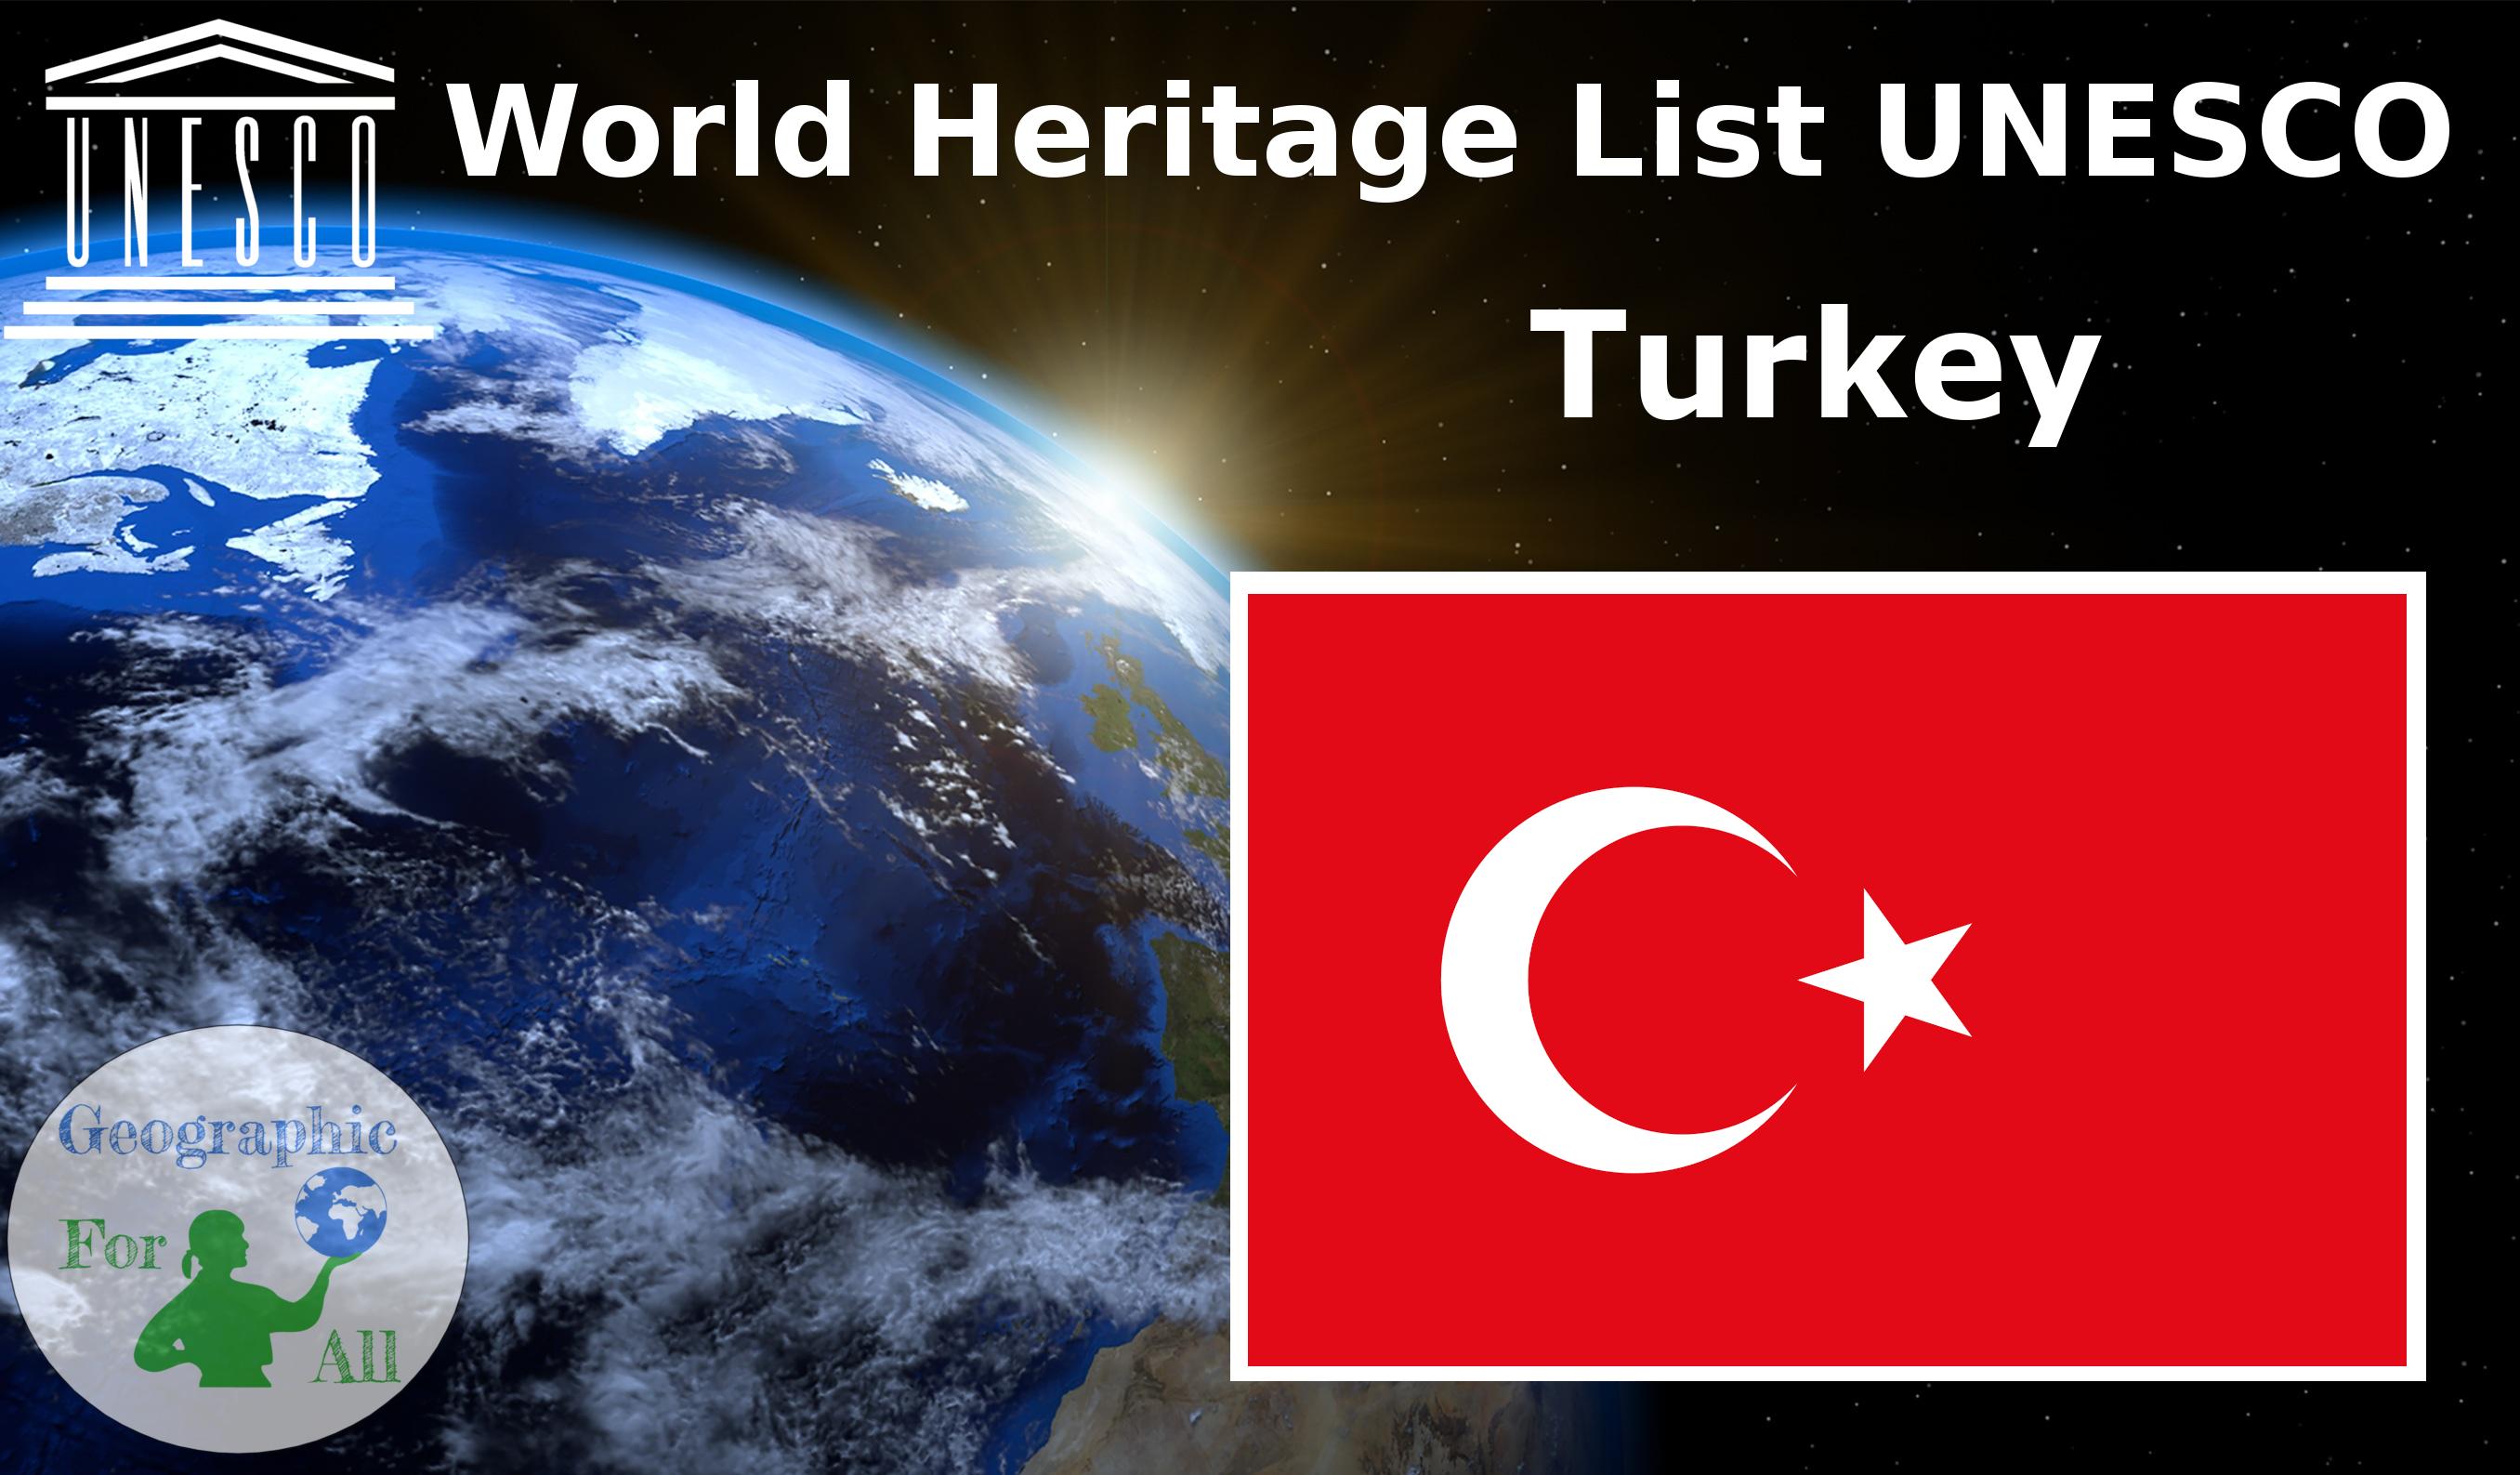 World Heritage List UNESCO - Turkey